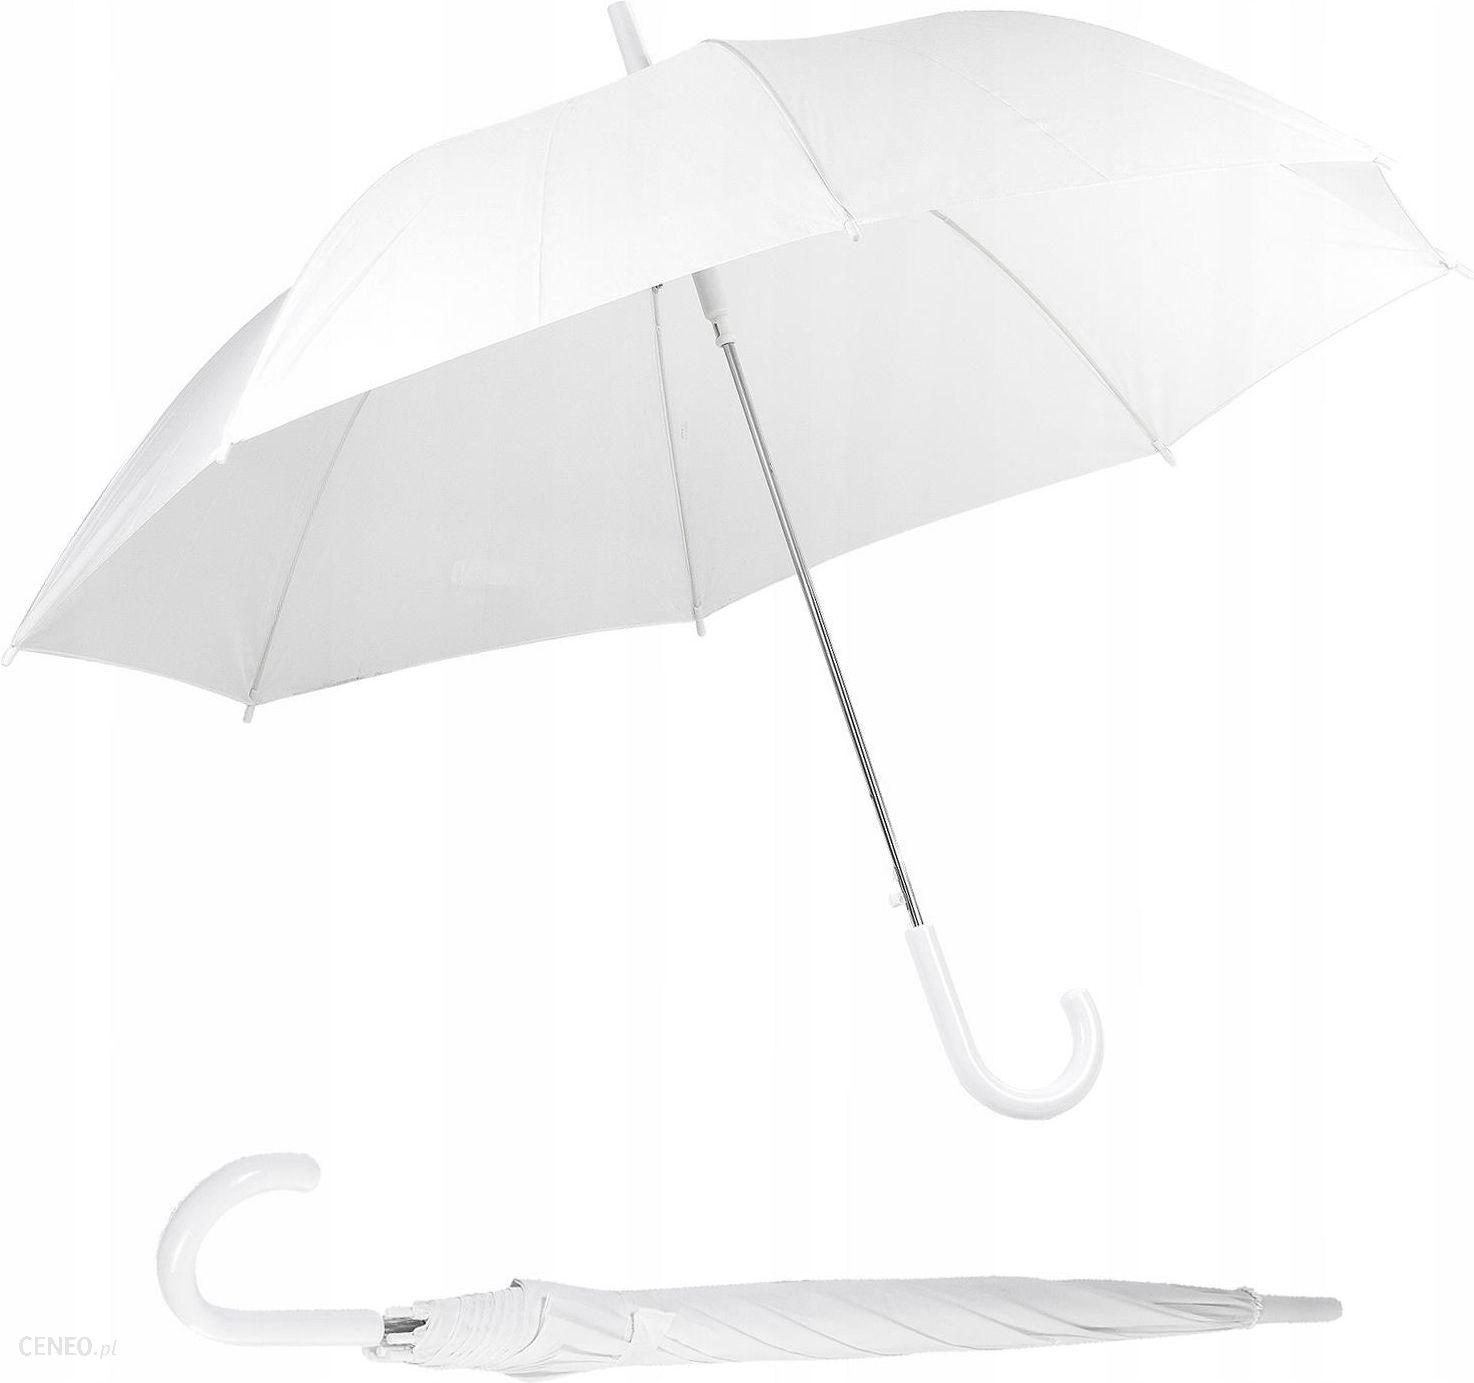 f5d8677da7044 Biały Parasol Ślubny biała parasolka ślubna Duży - Ceny i opinie ...